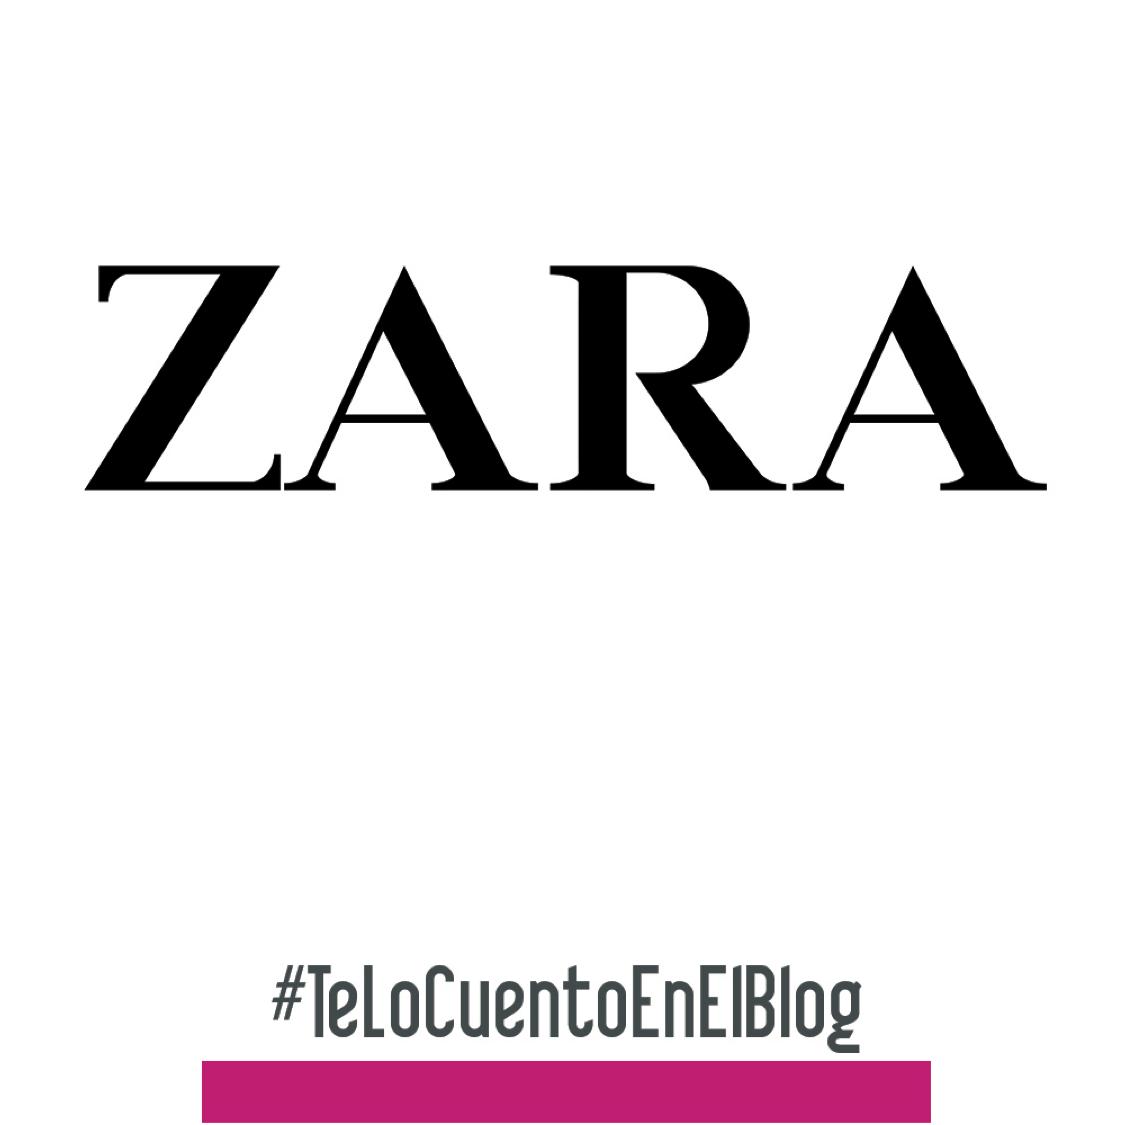 Marcas que admiro - Zara